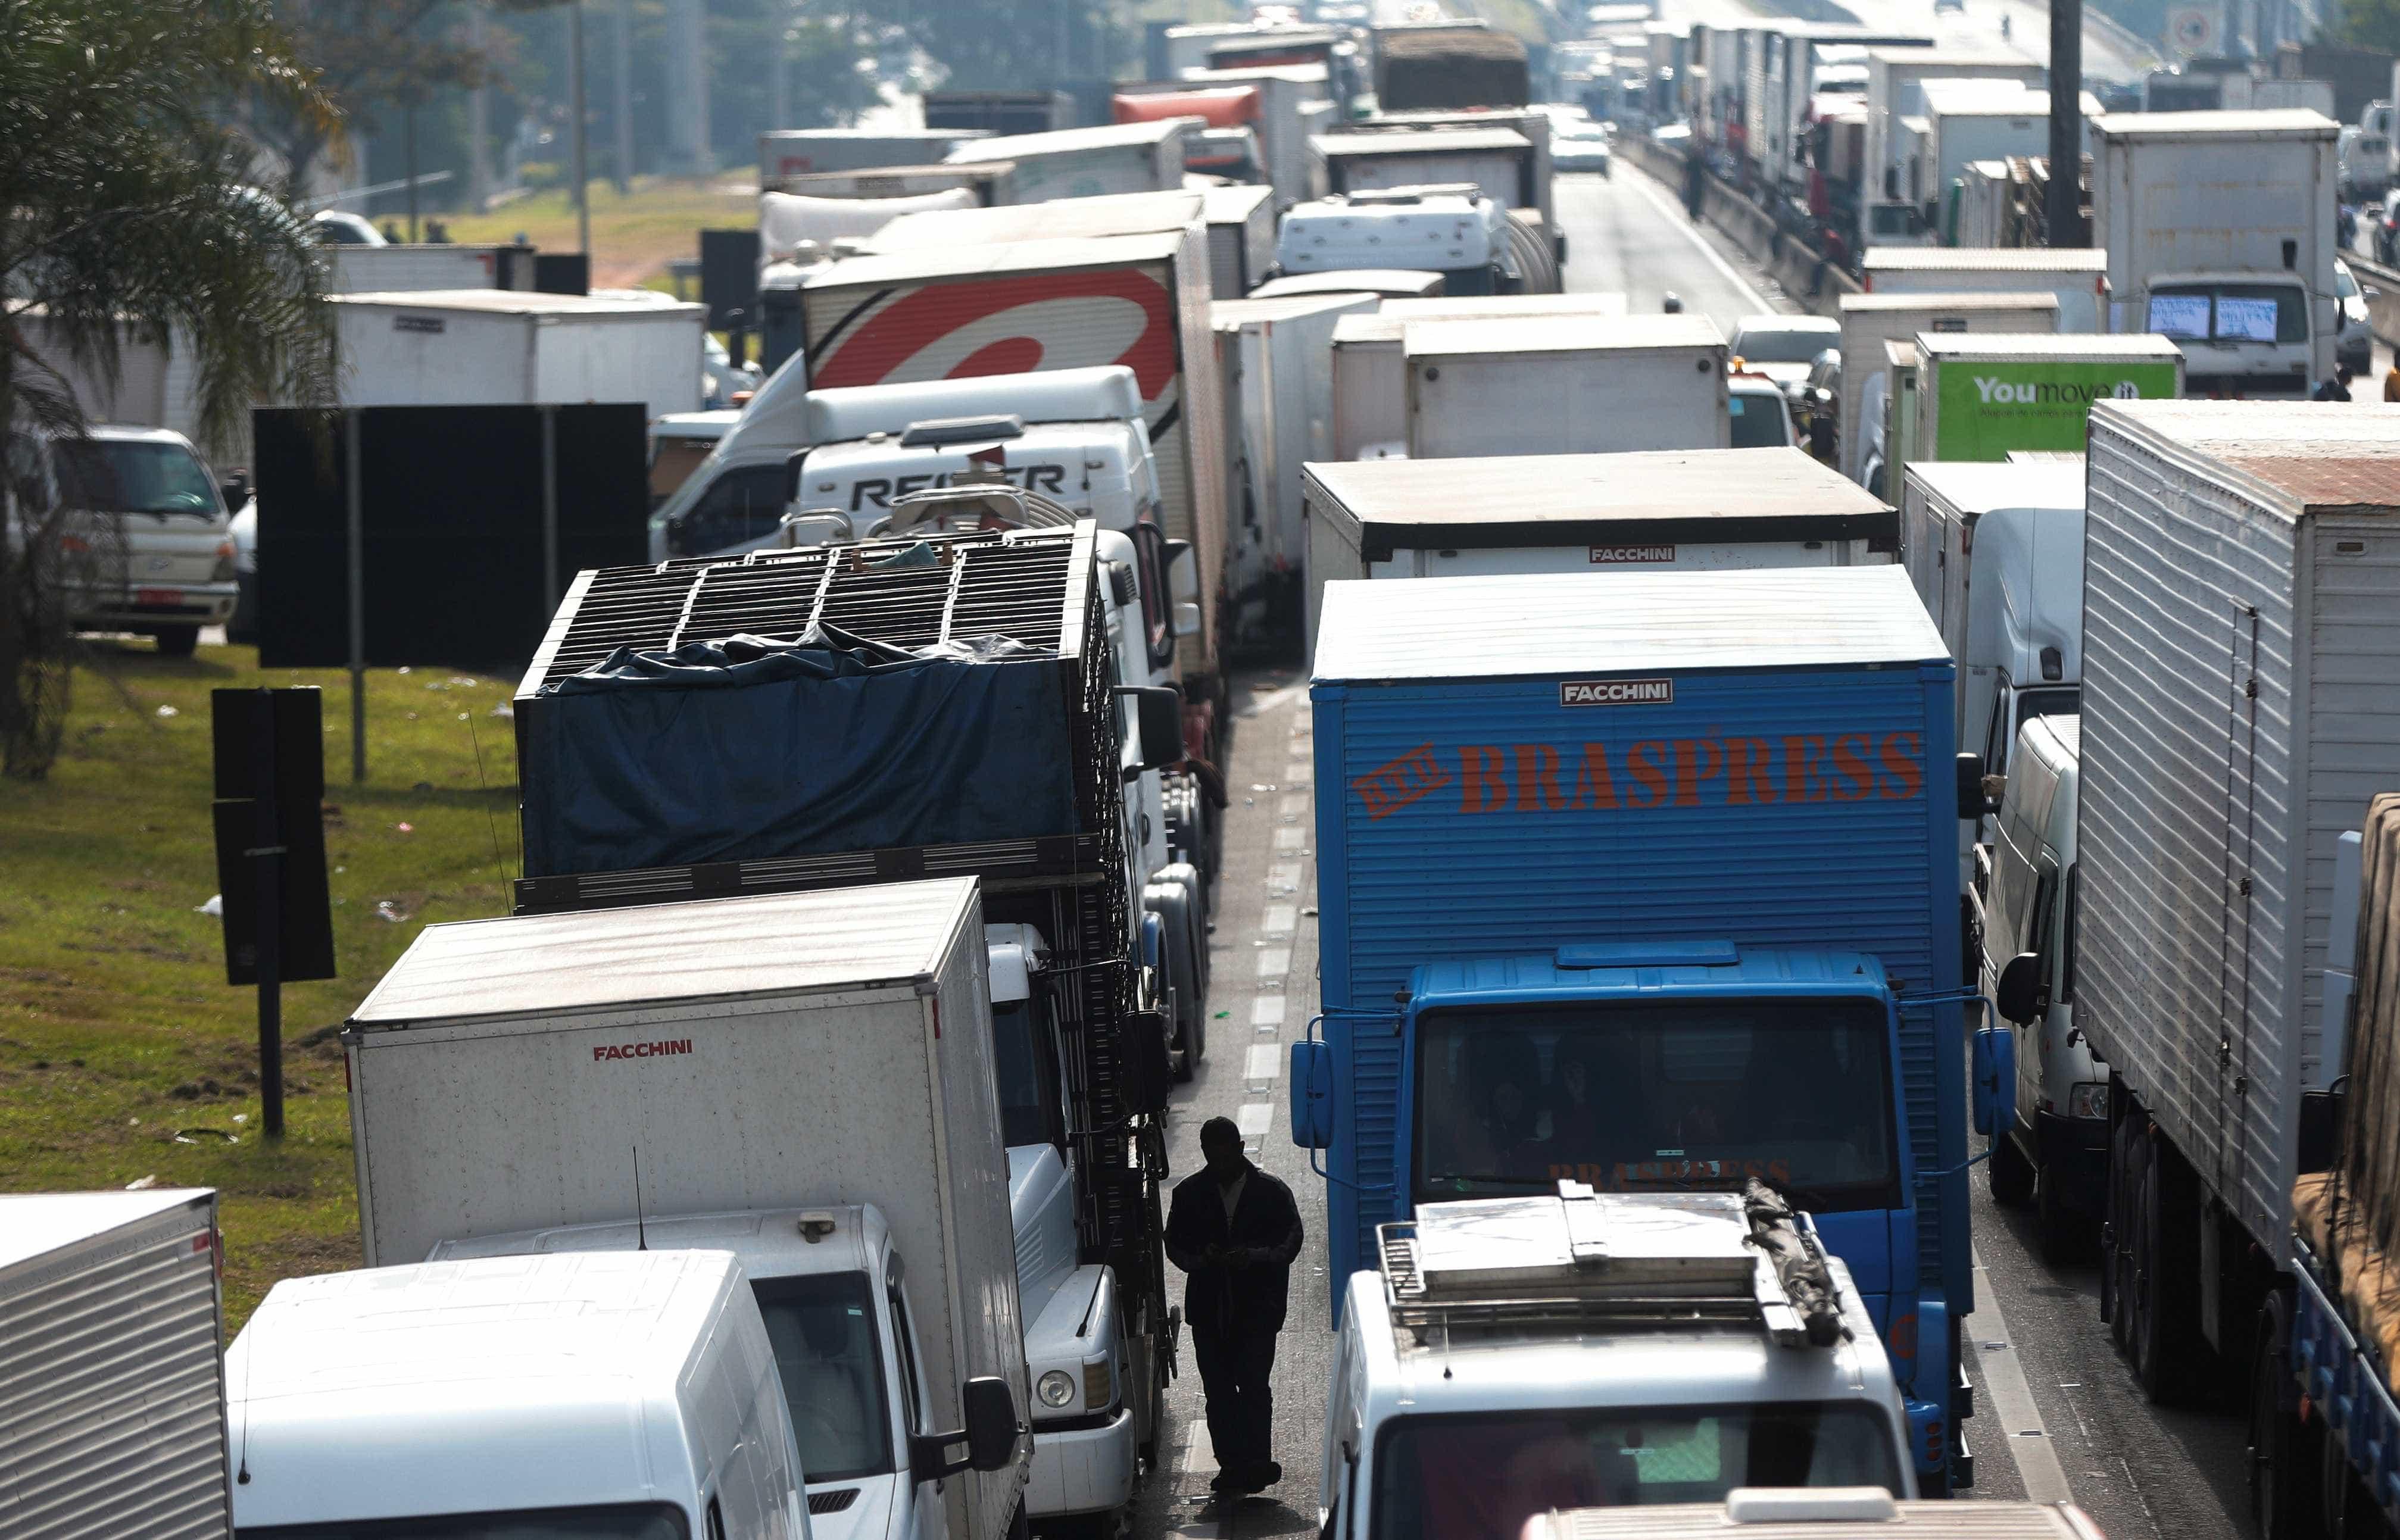 Exportadores querem que decisão sobre tabela de frete saia do STF